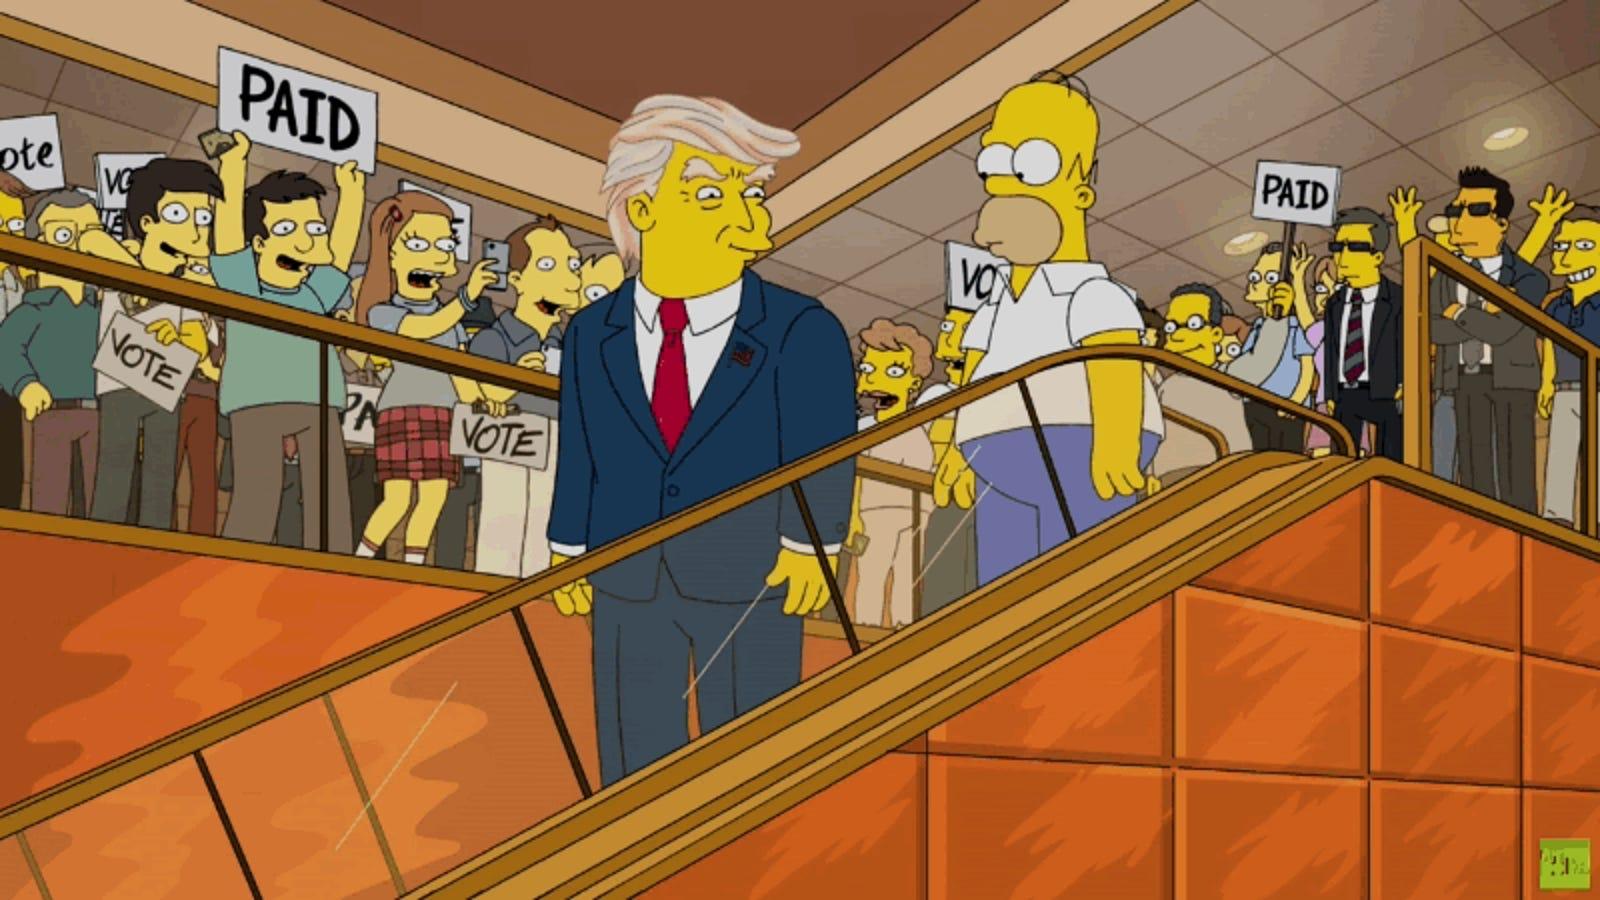 No, los Simpson no predijeron la victoria de Donald Trump en esta escena viral